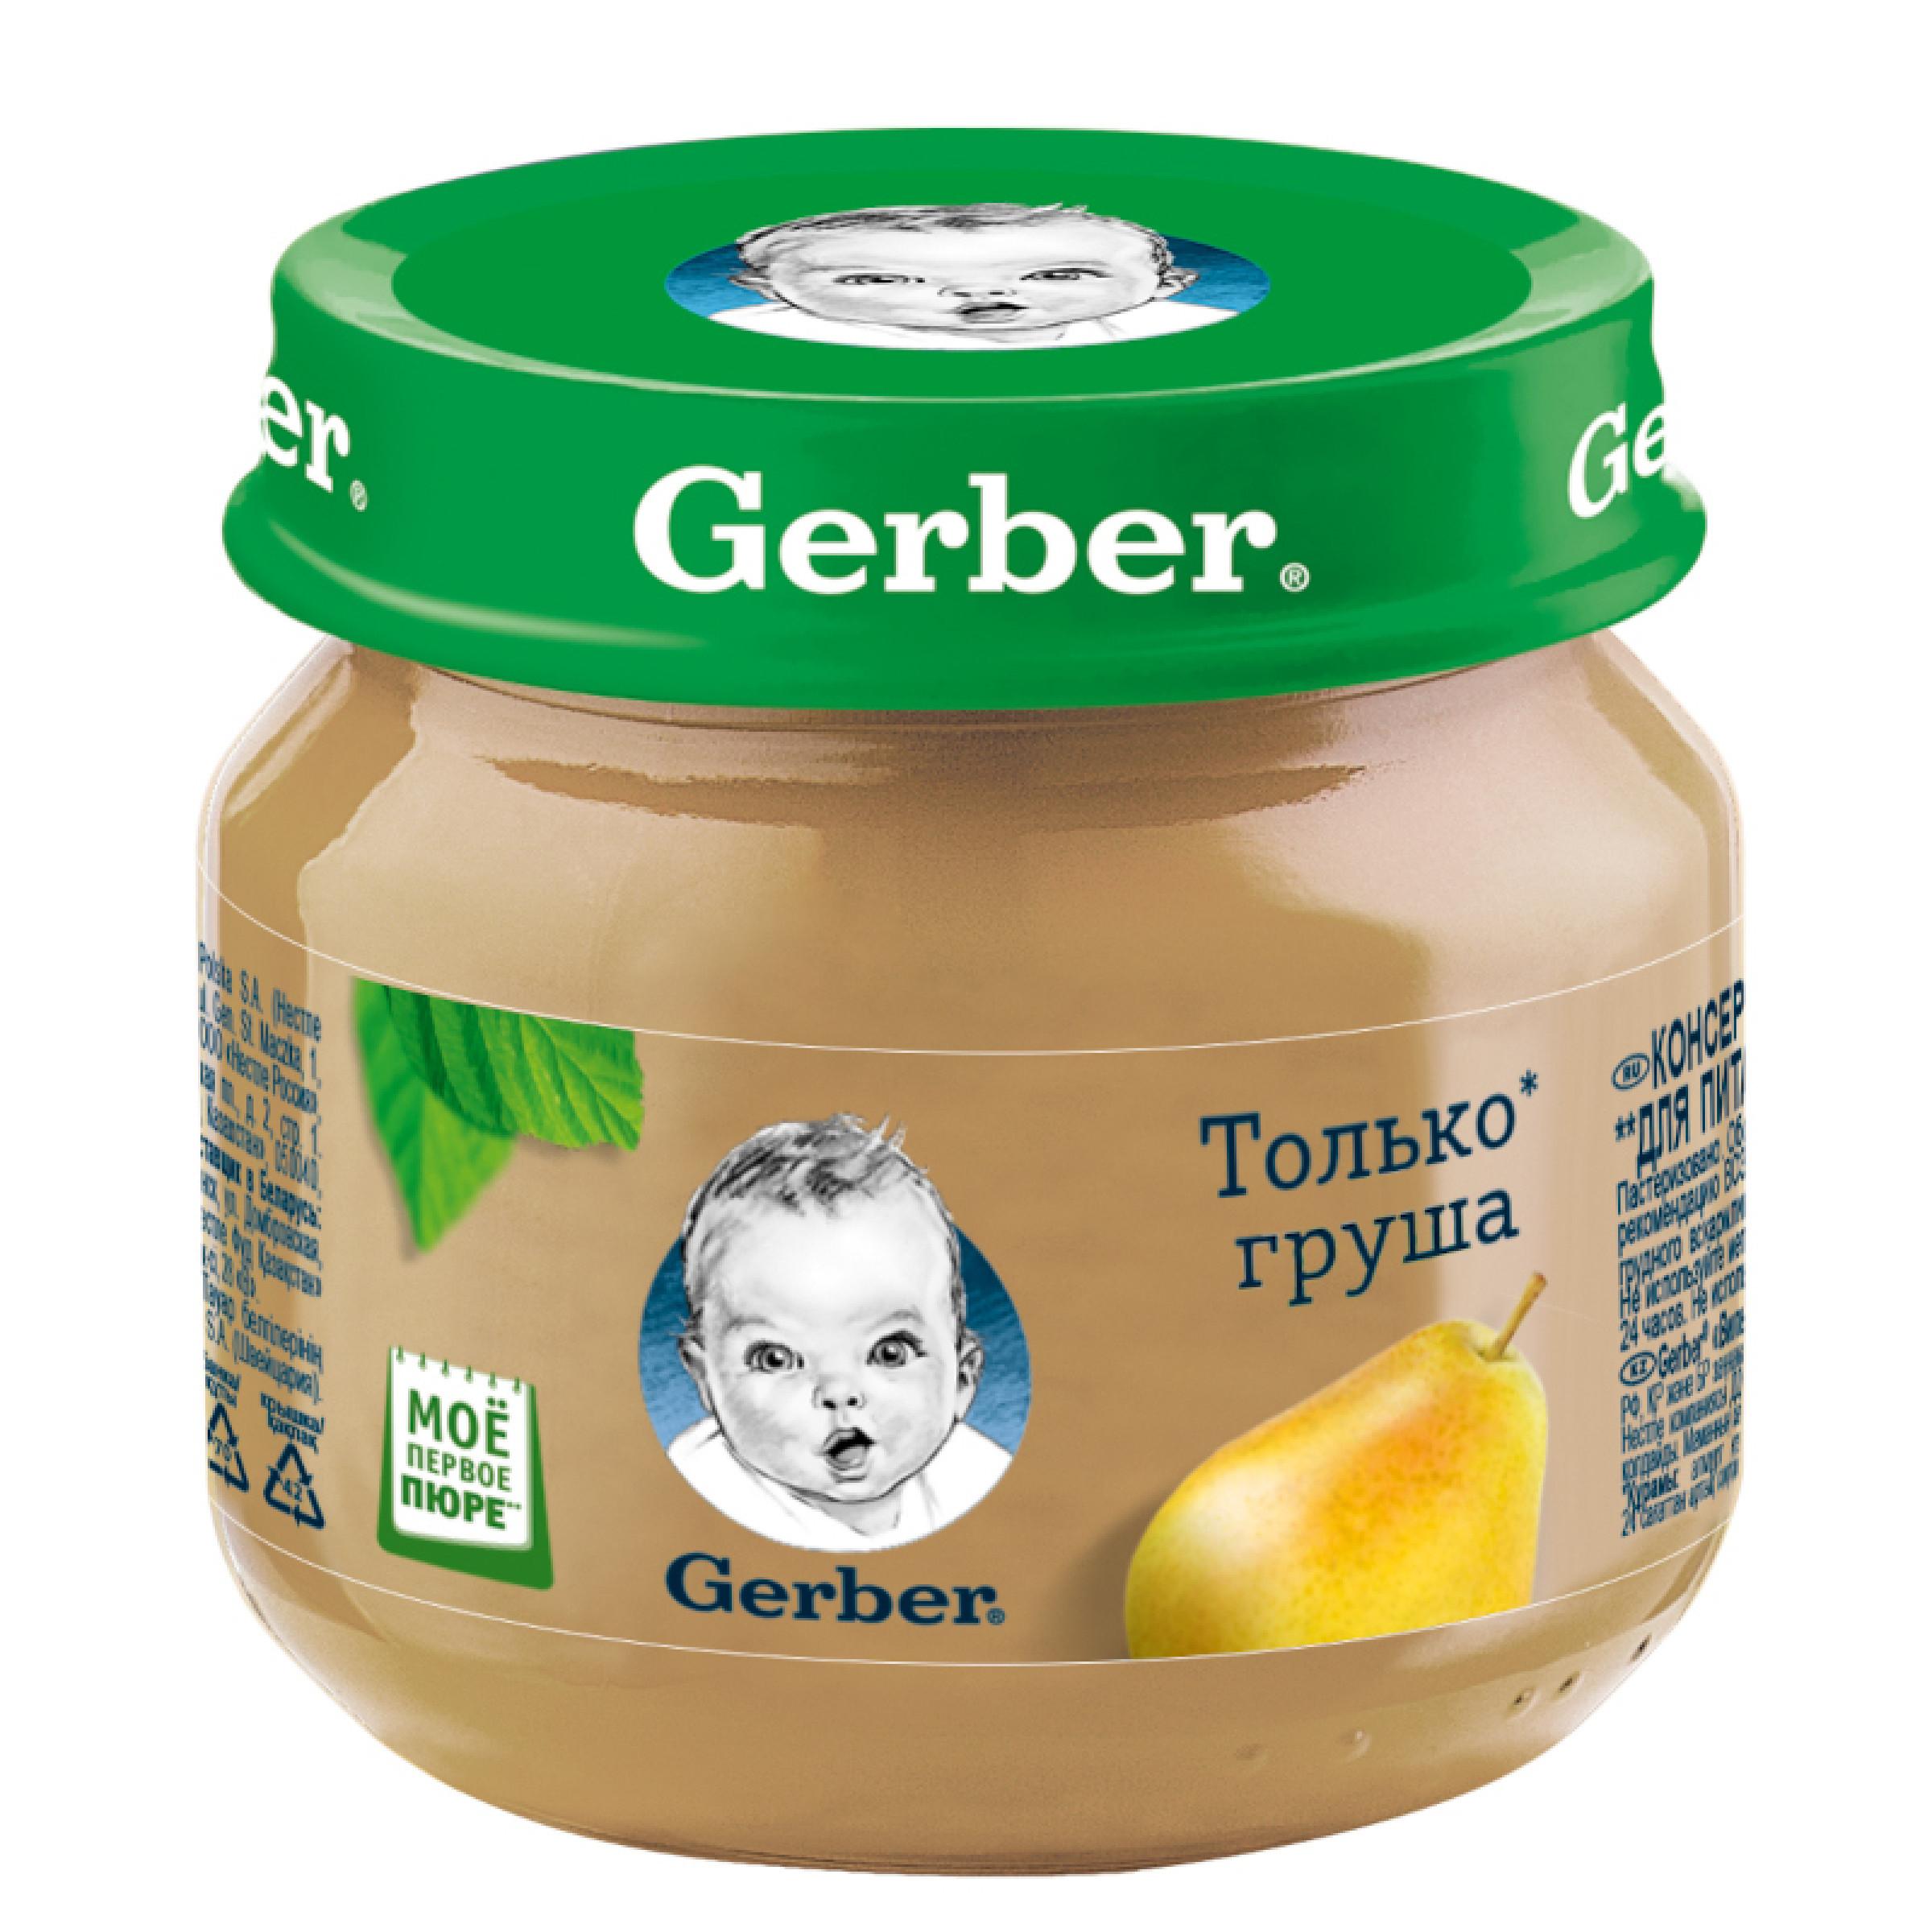 Пюре фруктовое Gerber груша вильямс 1 ступень, 80 гр